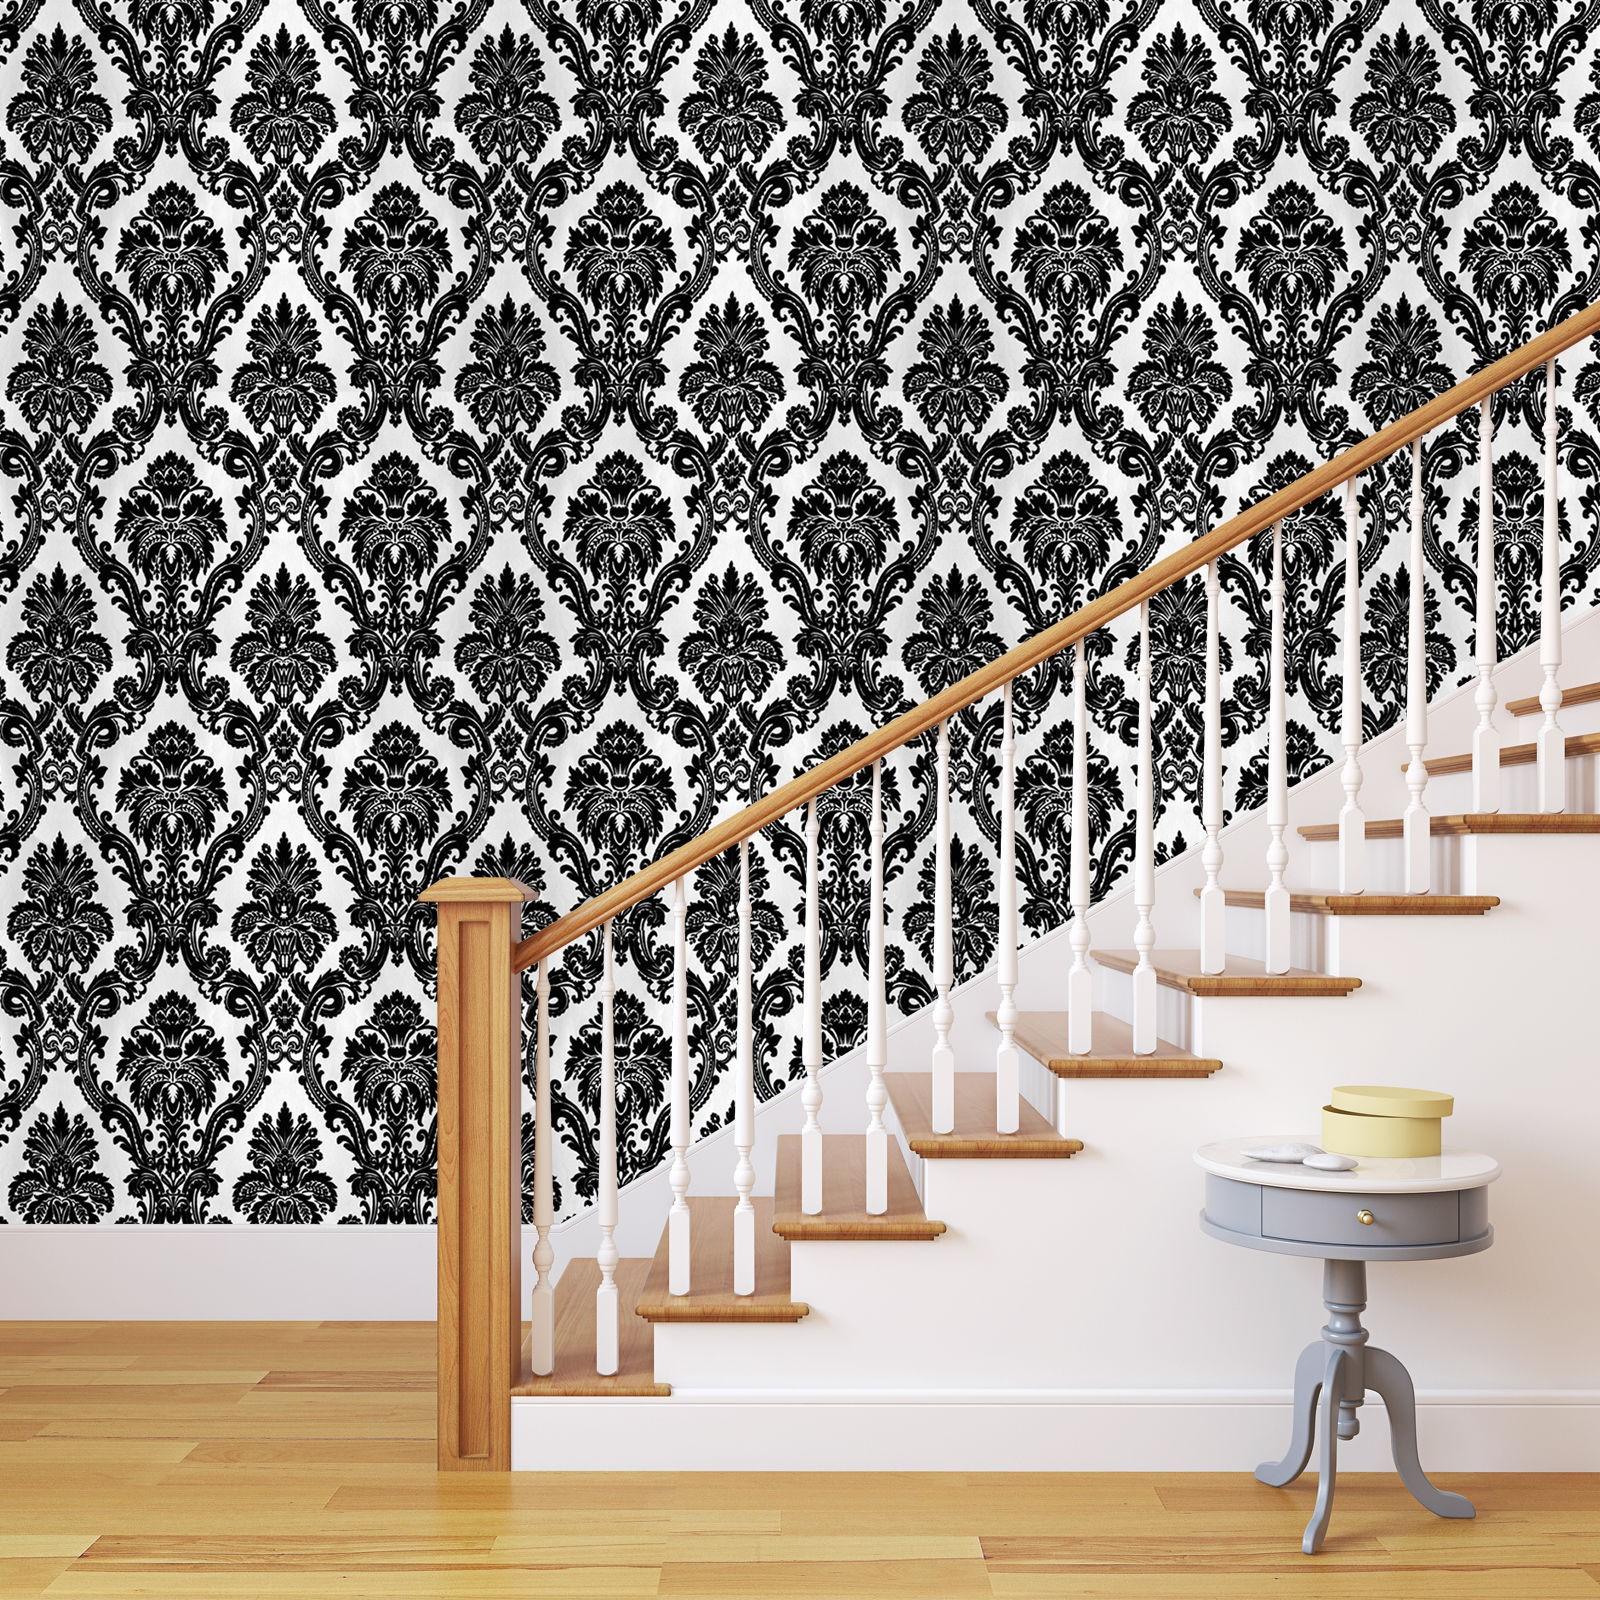 Escalier décoré de papier peint noir et blanc.